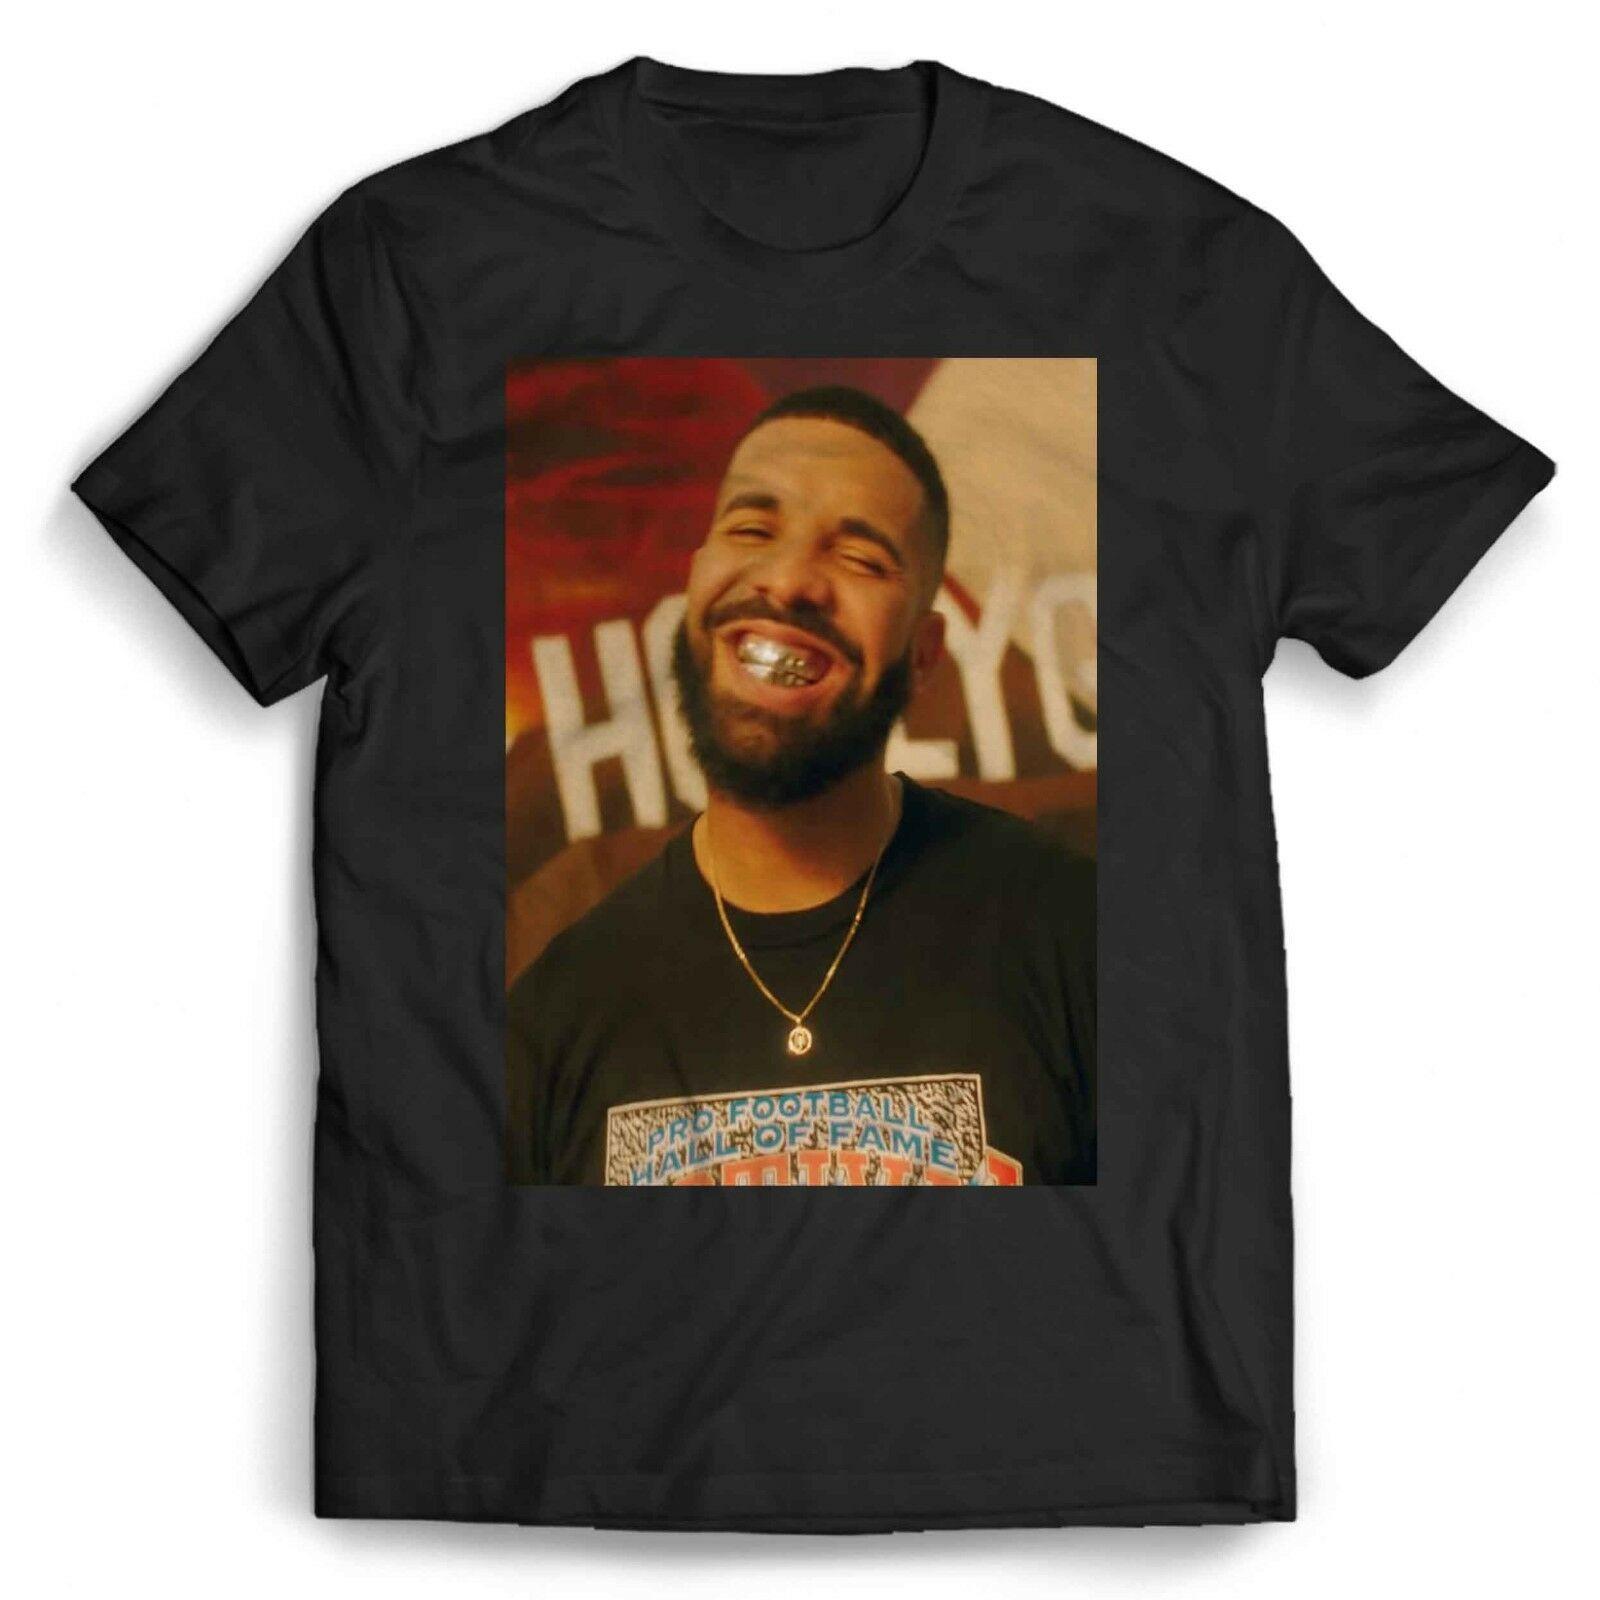 New Orleans Drake Man / Woman T-Shirt Fashion Print T Shirt Plus Size